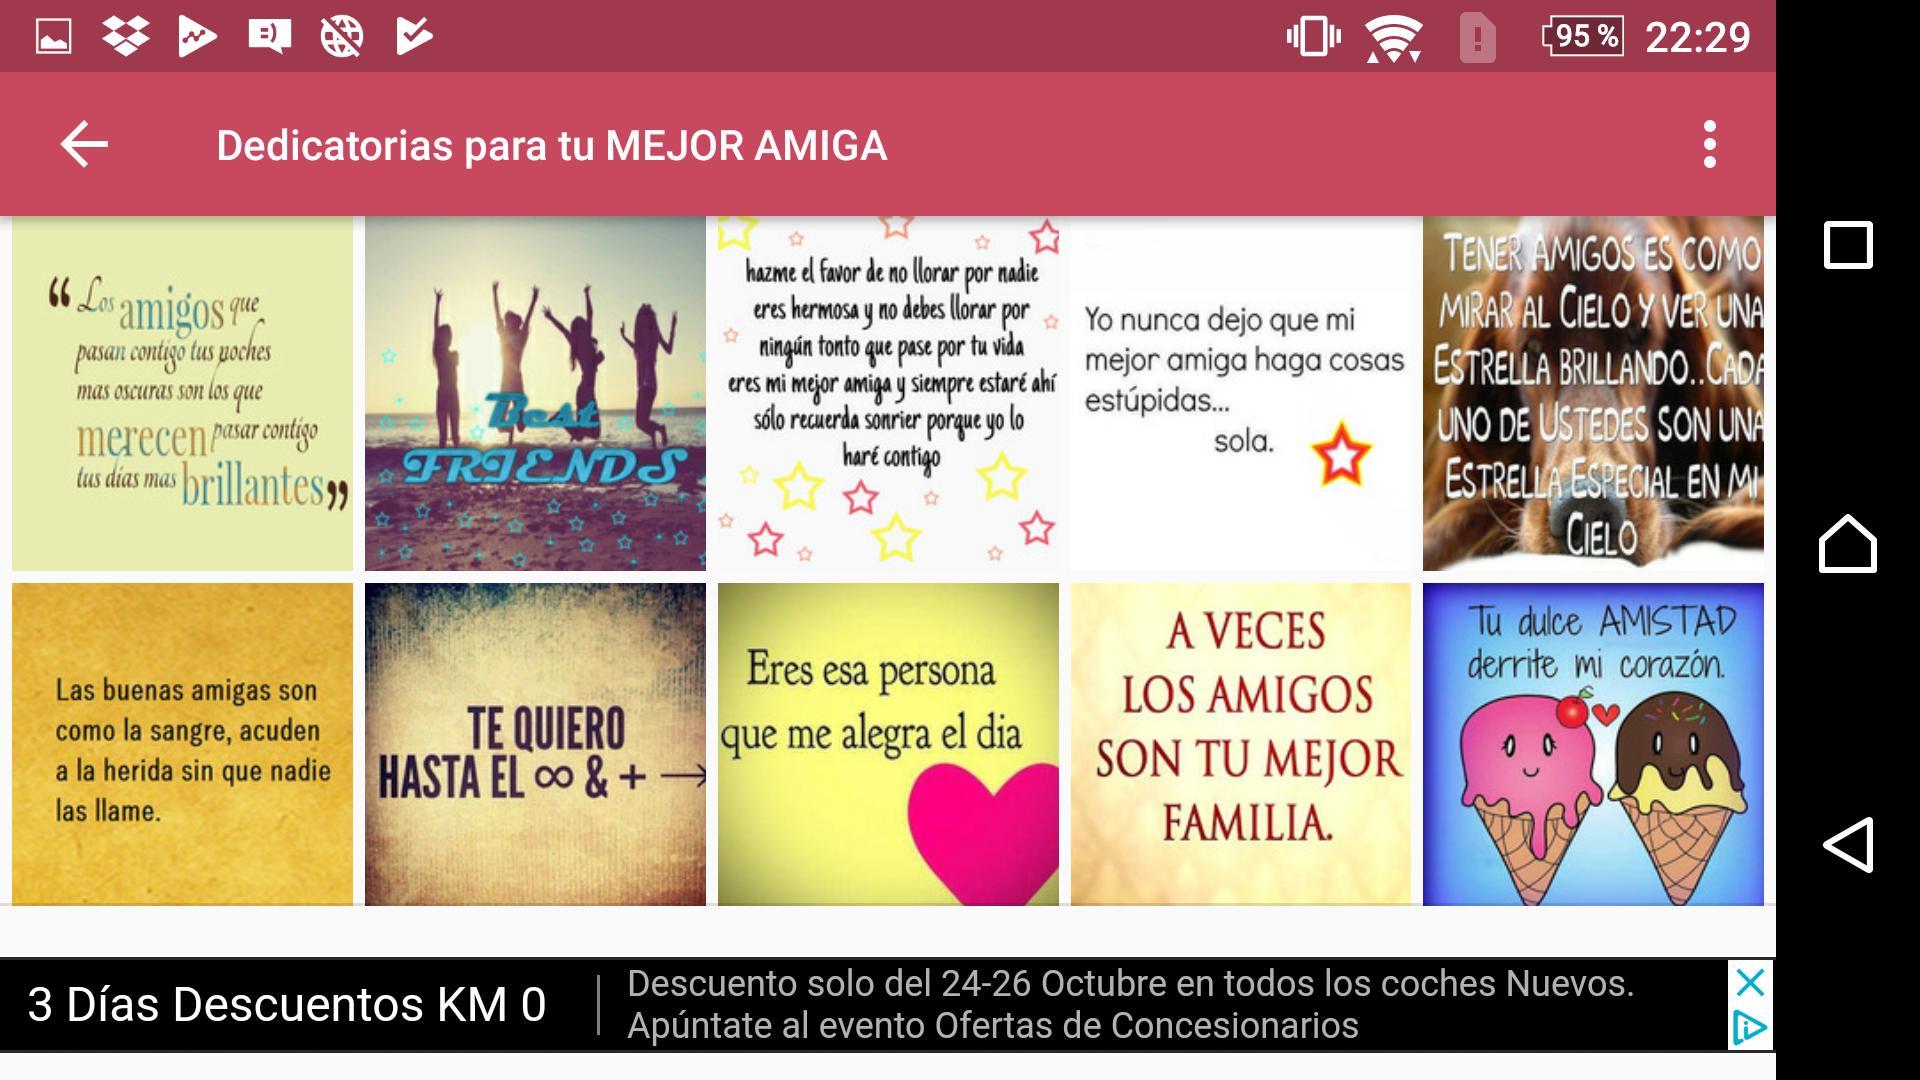 Frases Bonitas Para Tu Mejor Amiga For Android Apk Download